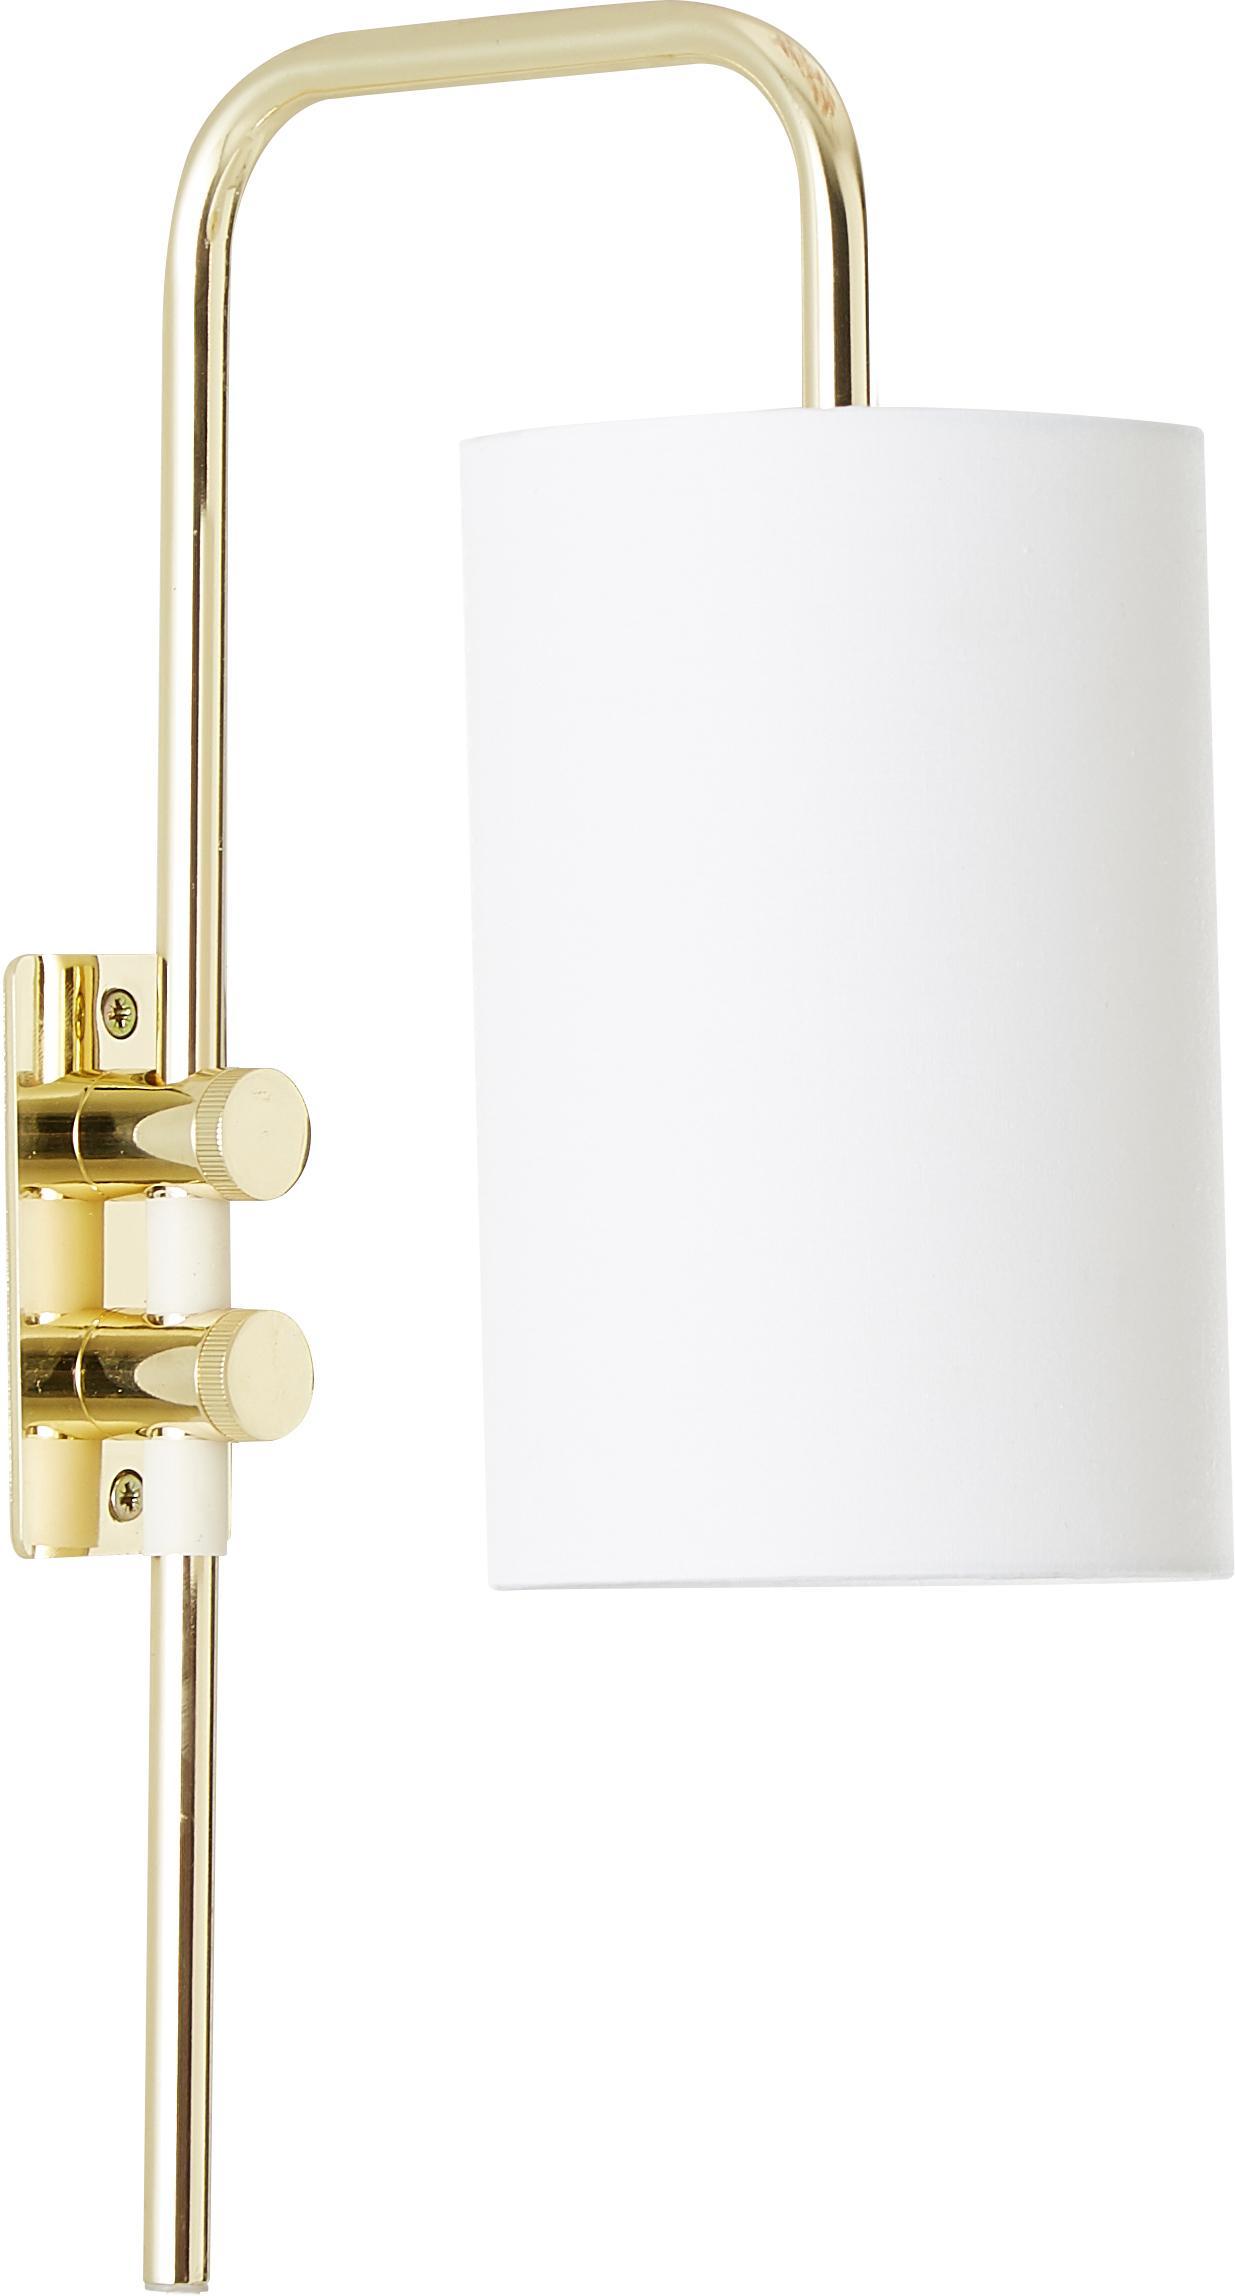 Applique con spina Isa, Paralume: Miscela di cotone, Base della lampada: dorato, lucido Paralume: bianco, Larg. 12 x Alt. 38 cm